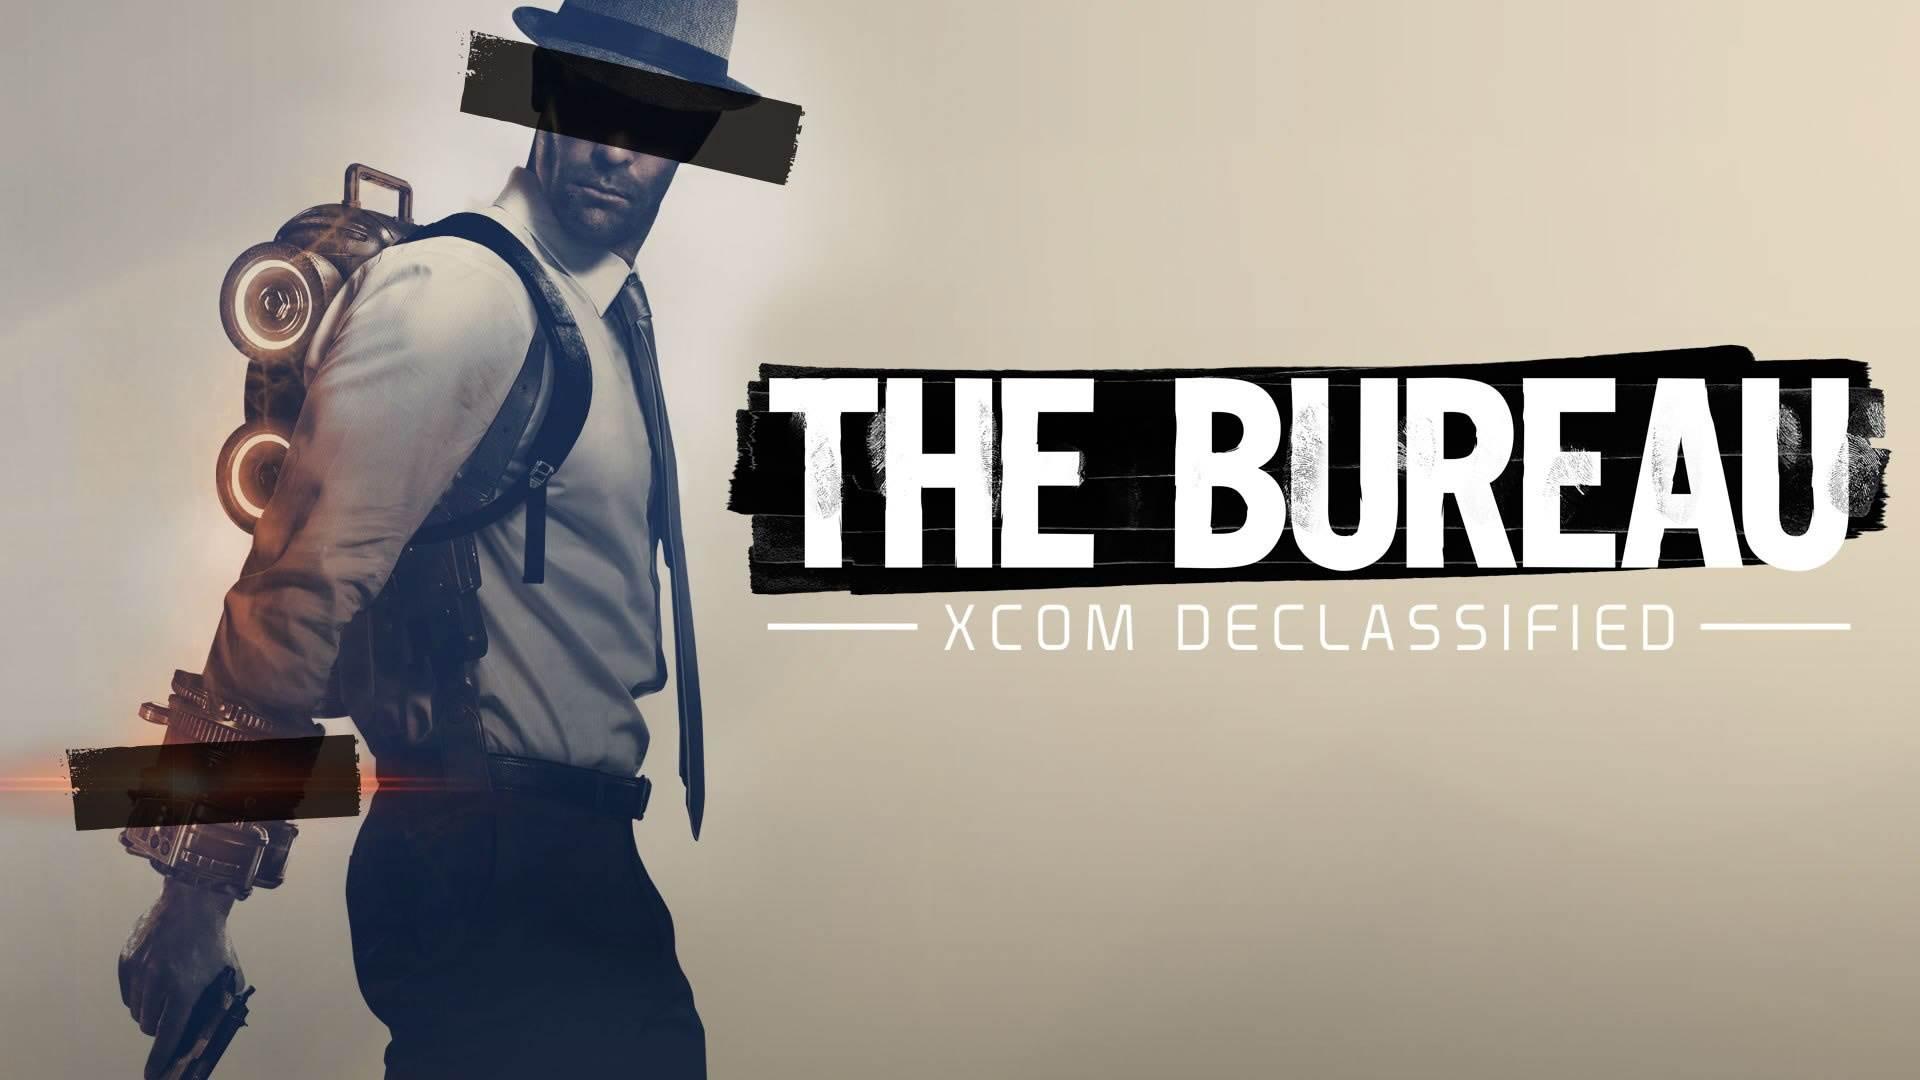 Я прошел наконец The Bureau и теперь очень хочу сиквел, или просто новый тактический шутер во вселенной. С такими же ... - Изображение 1